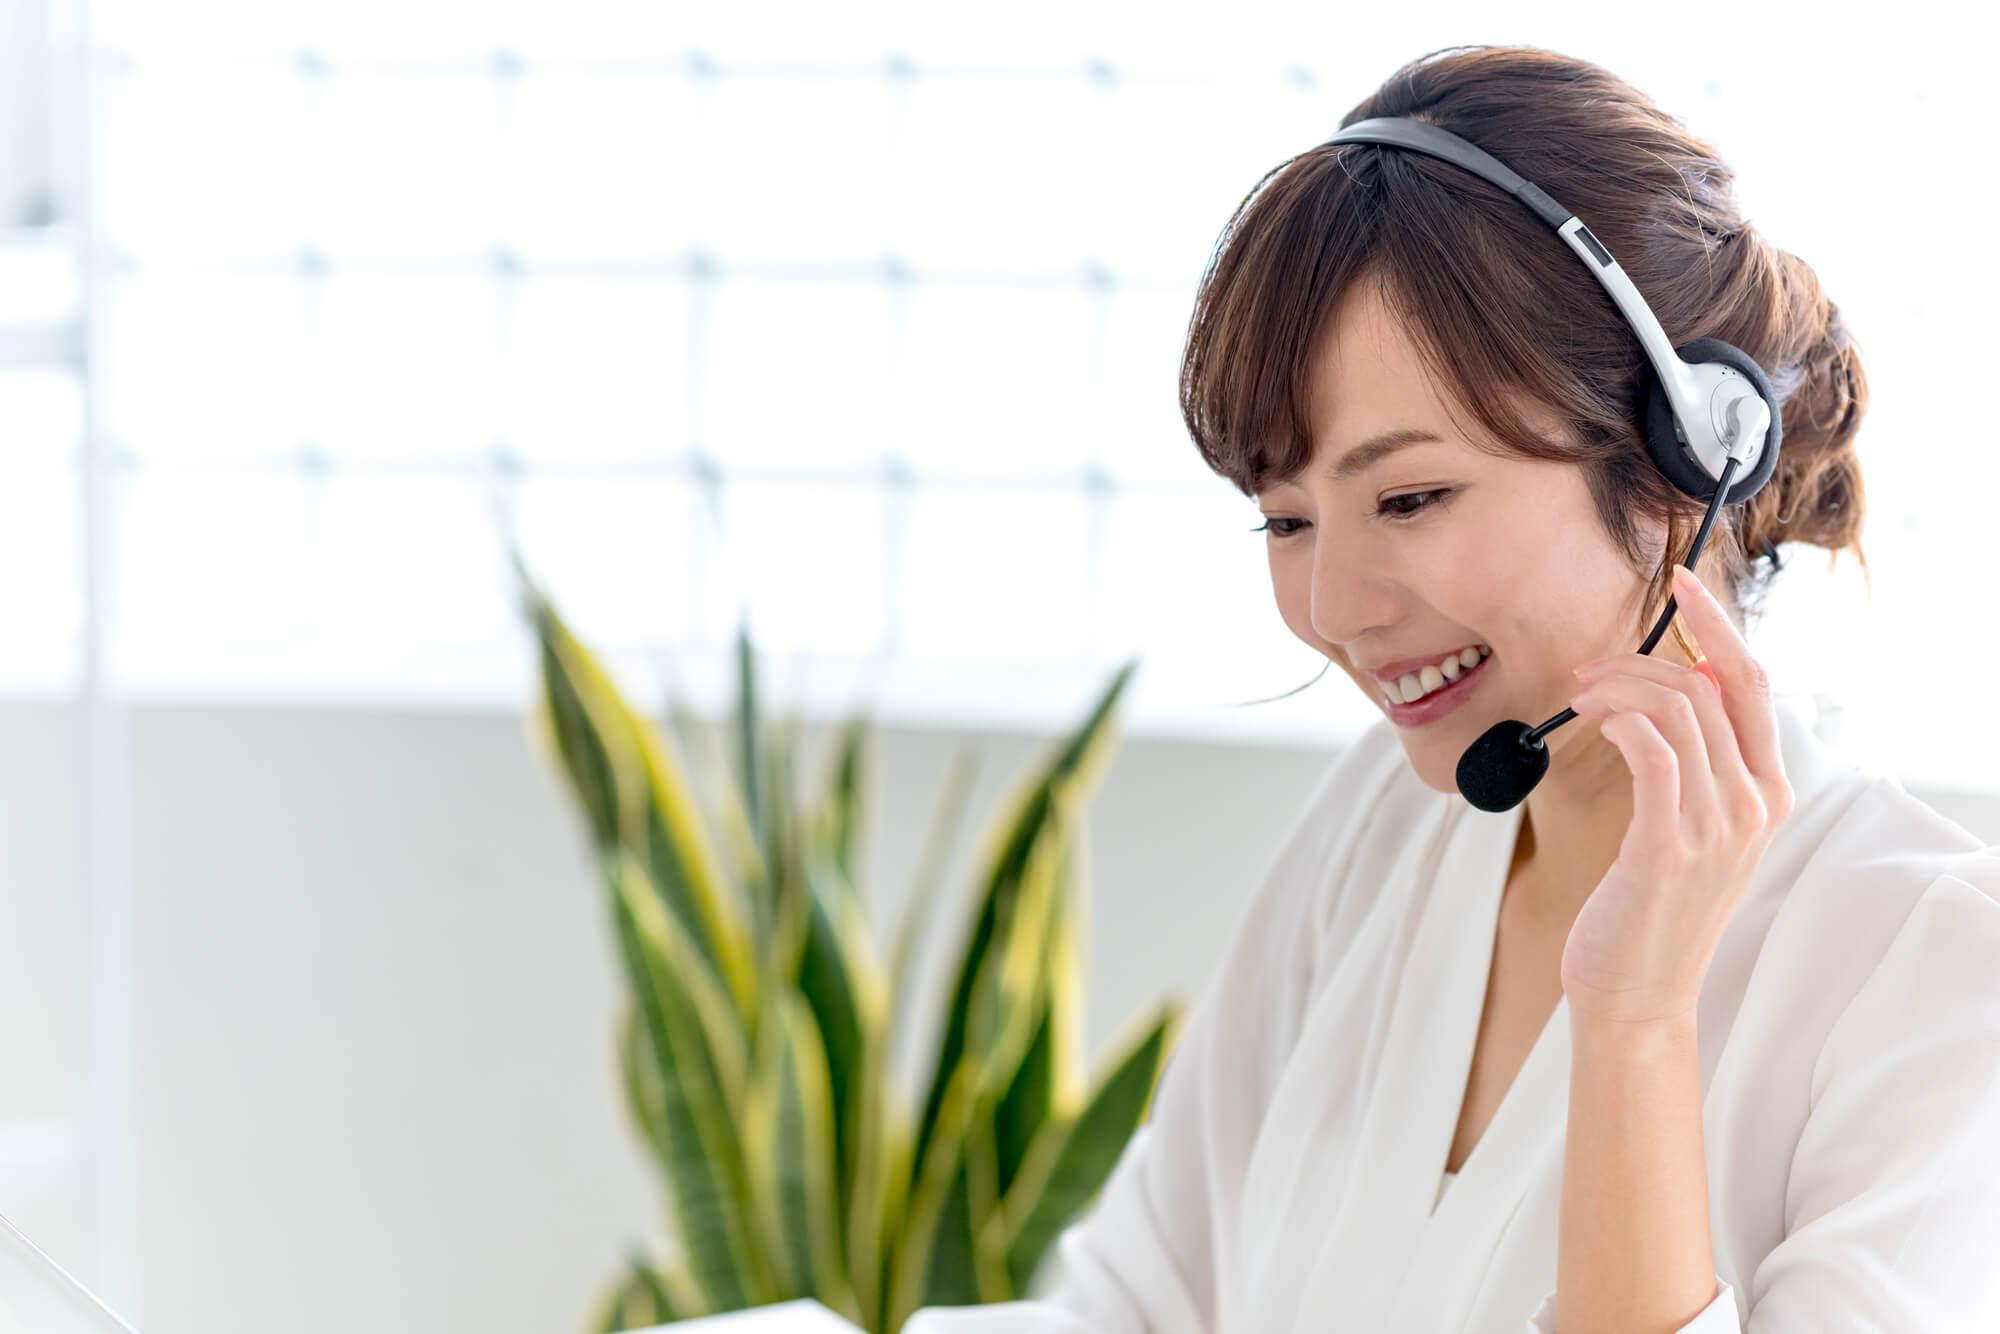 クライアントにカウンセリングのシステムや料金を説明している女性カウンセラー